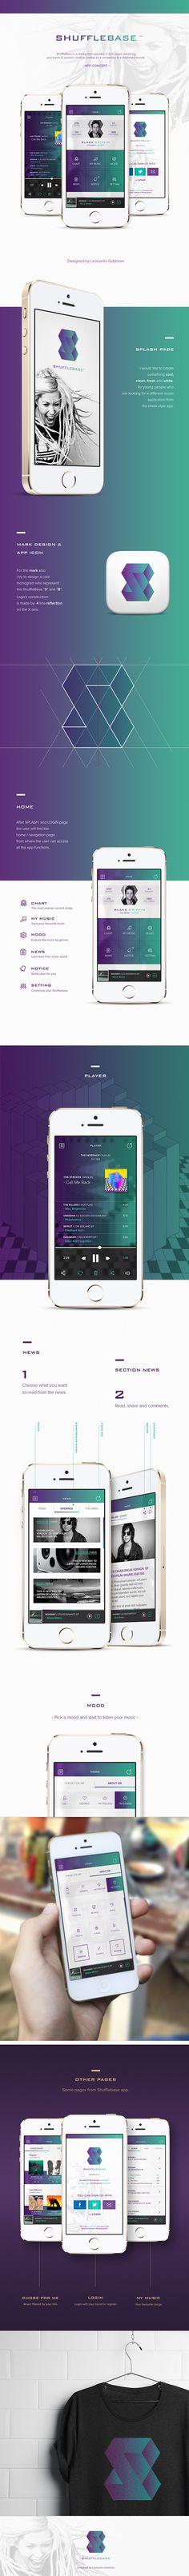 http://www.appdesignserved.co/gallery/Shufflebase-Music-App-Concept/27607873